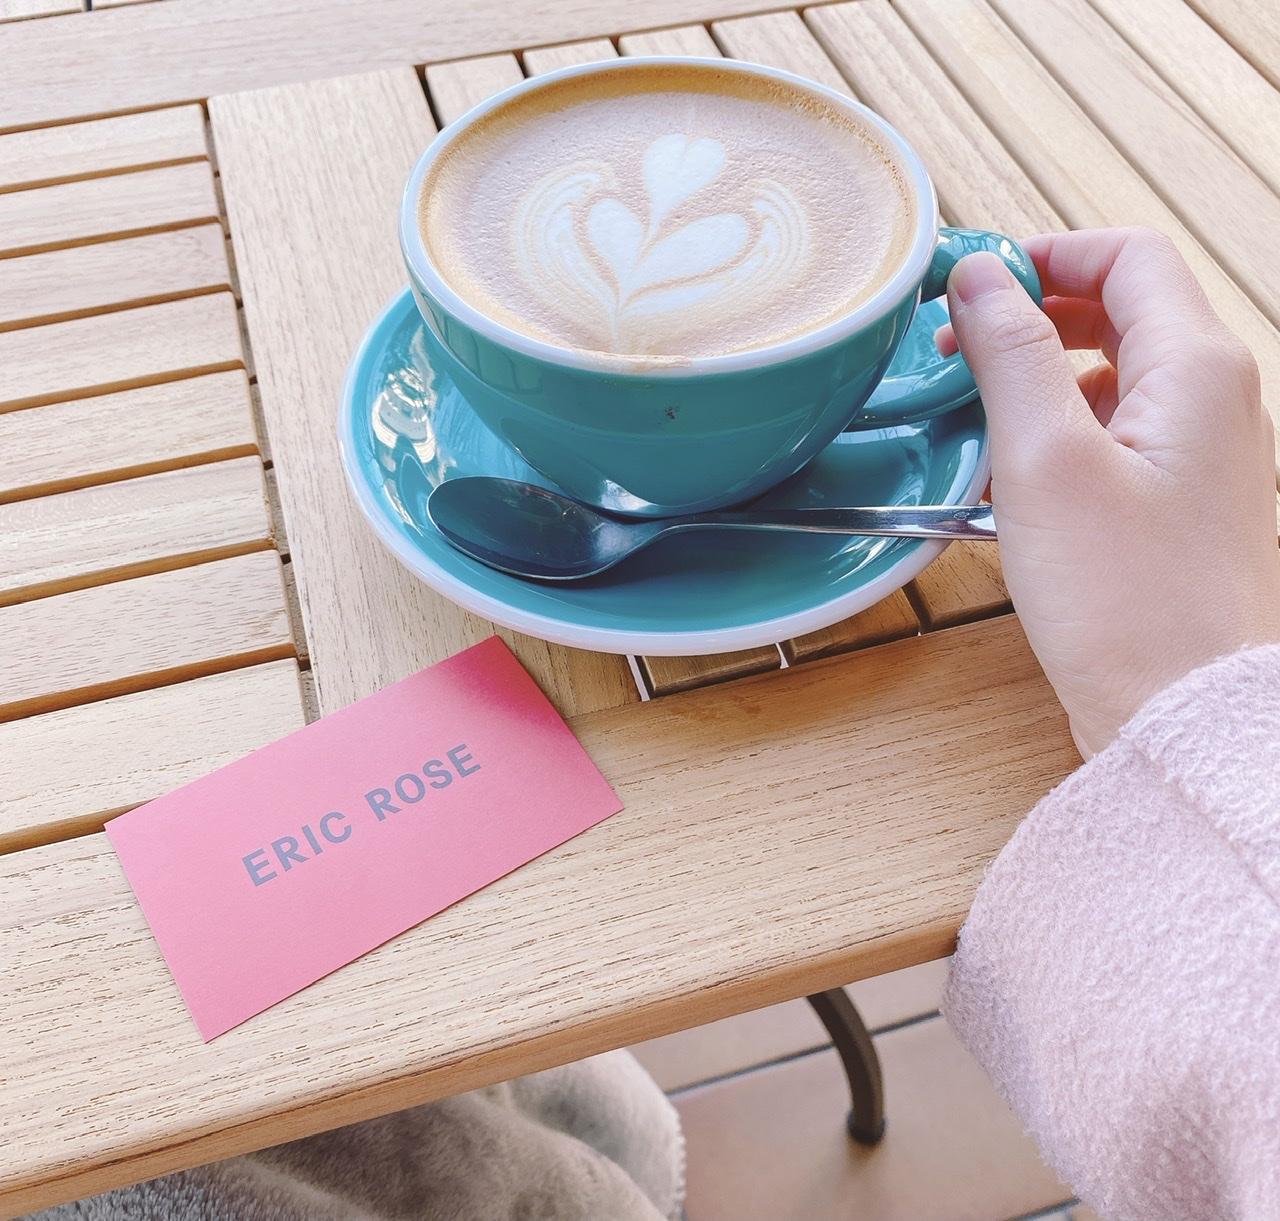 【表参道カフェ】世界1号店!スタバ創業メンバーが手掛ける《エリック・ローズ》が日本初上陸★_9